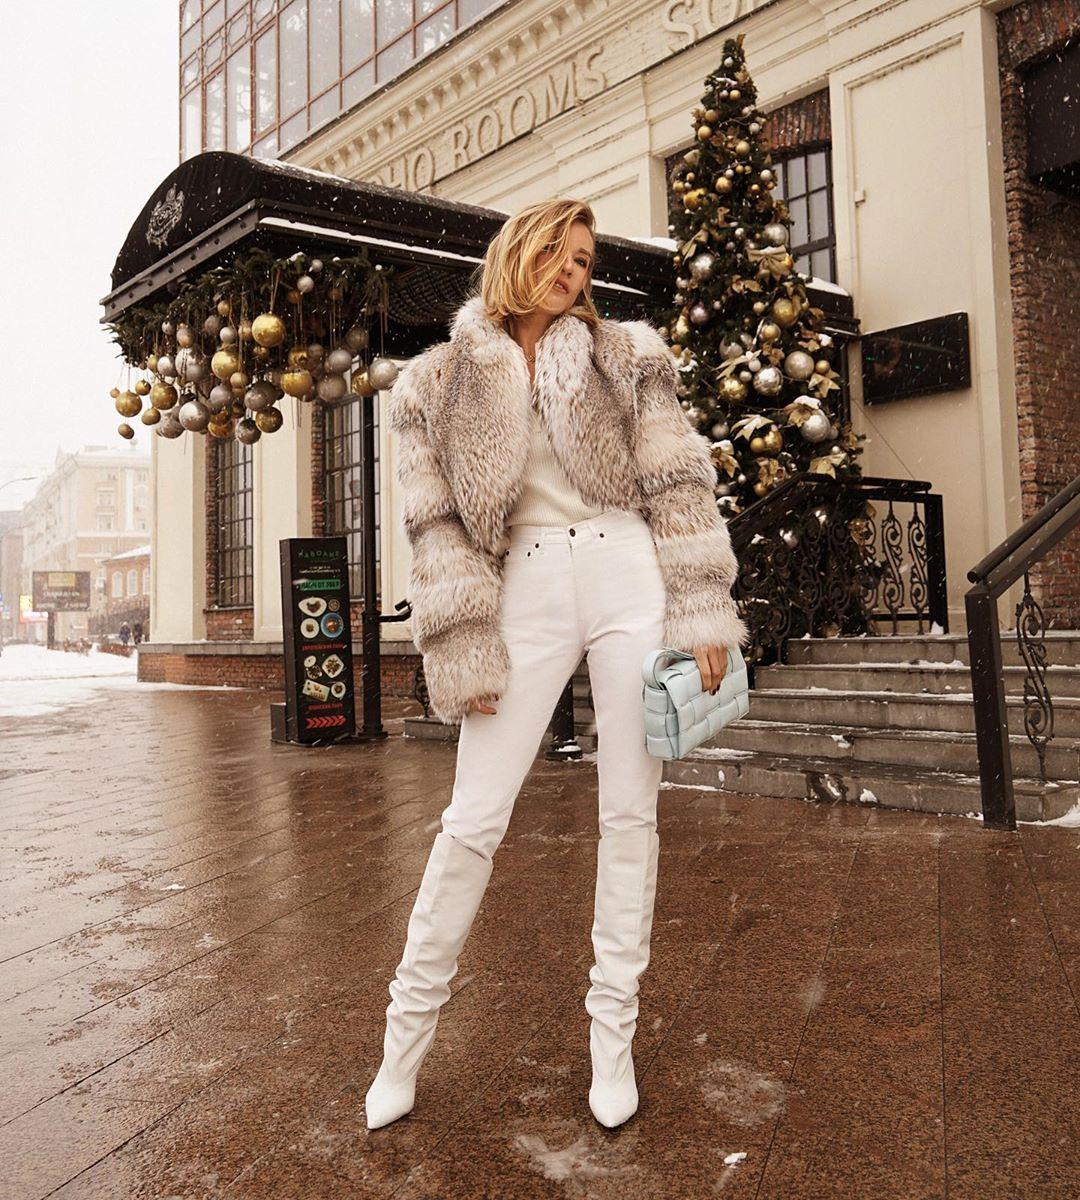 модные образы для бизнес-леди зимы 2020 фото 9